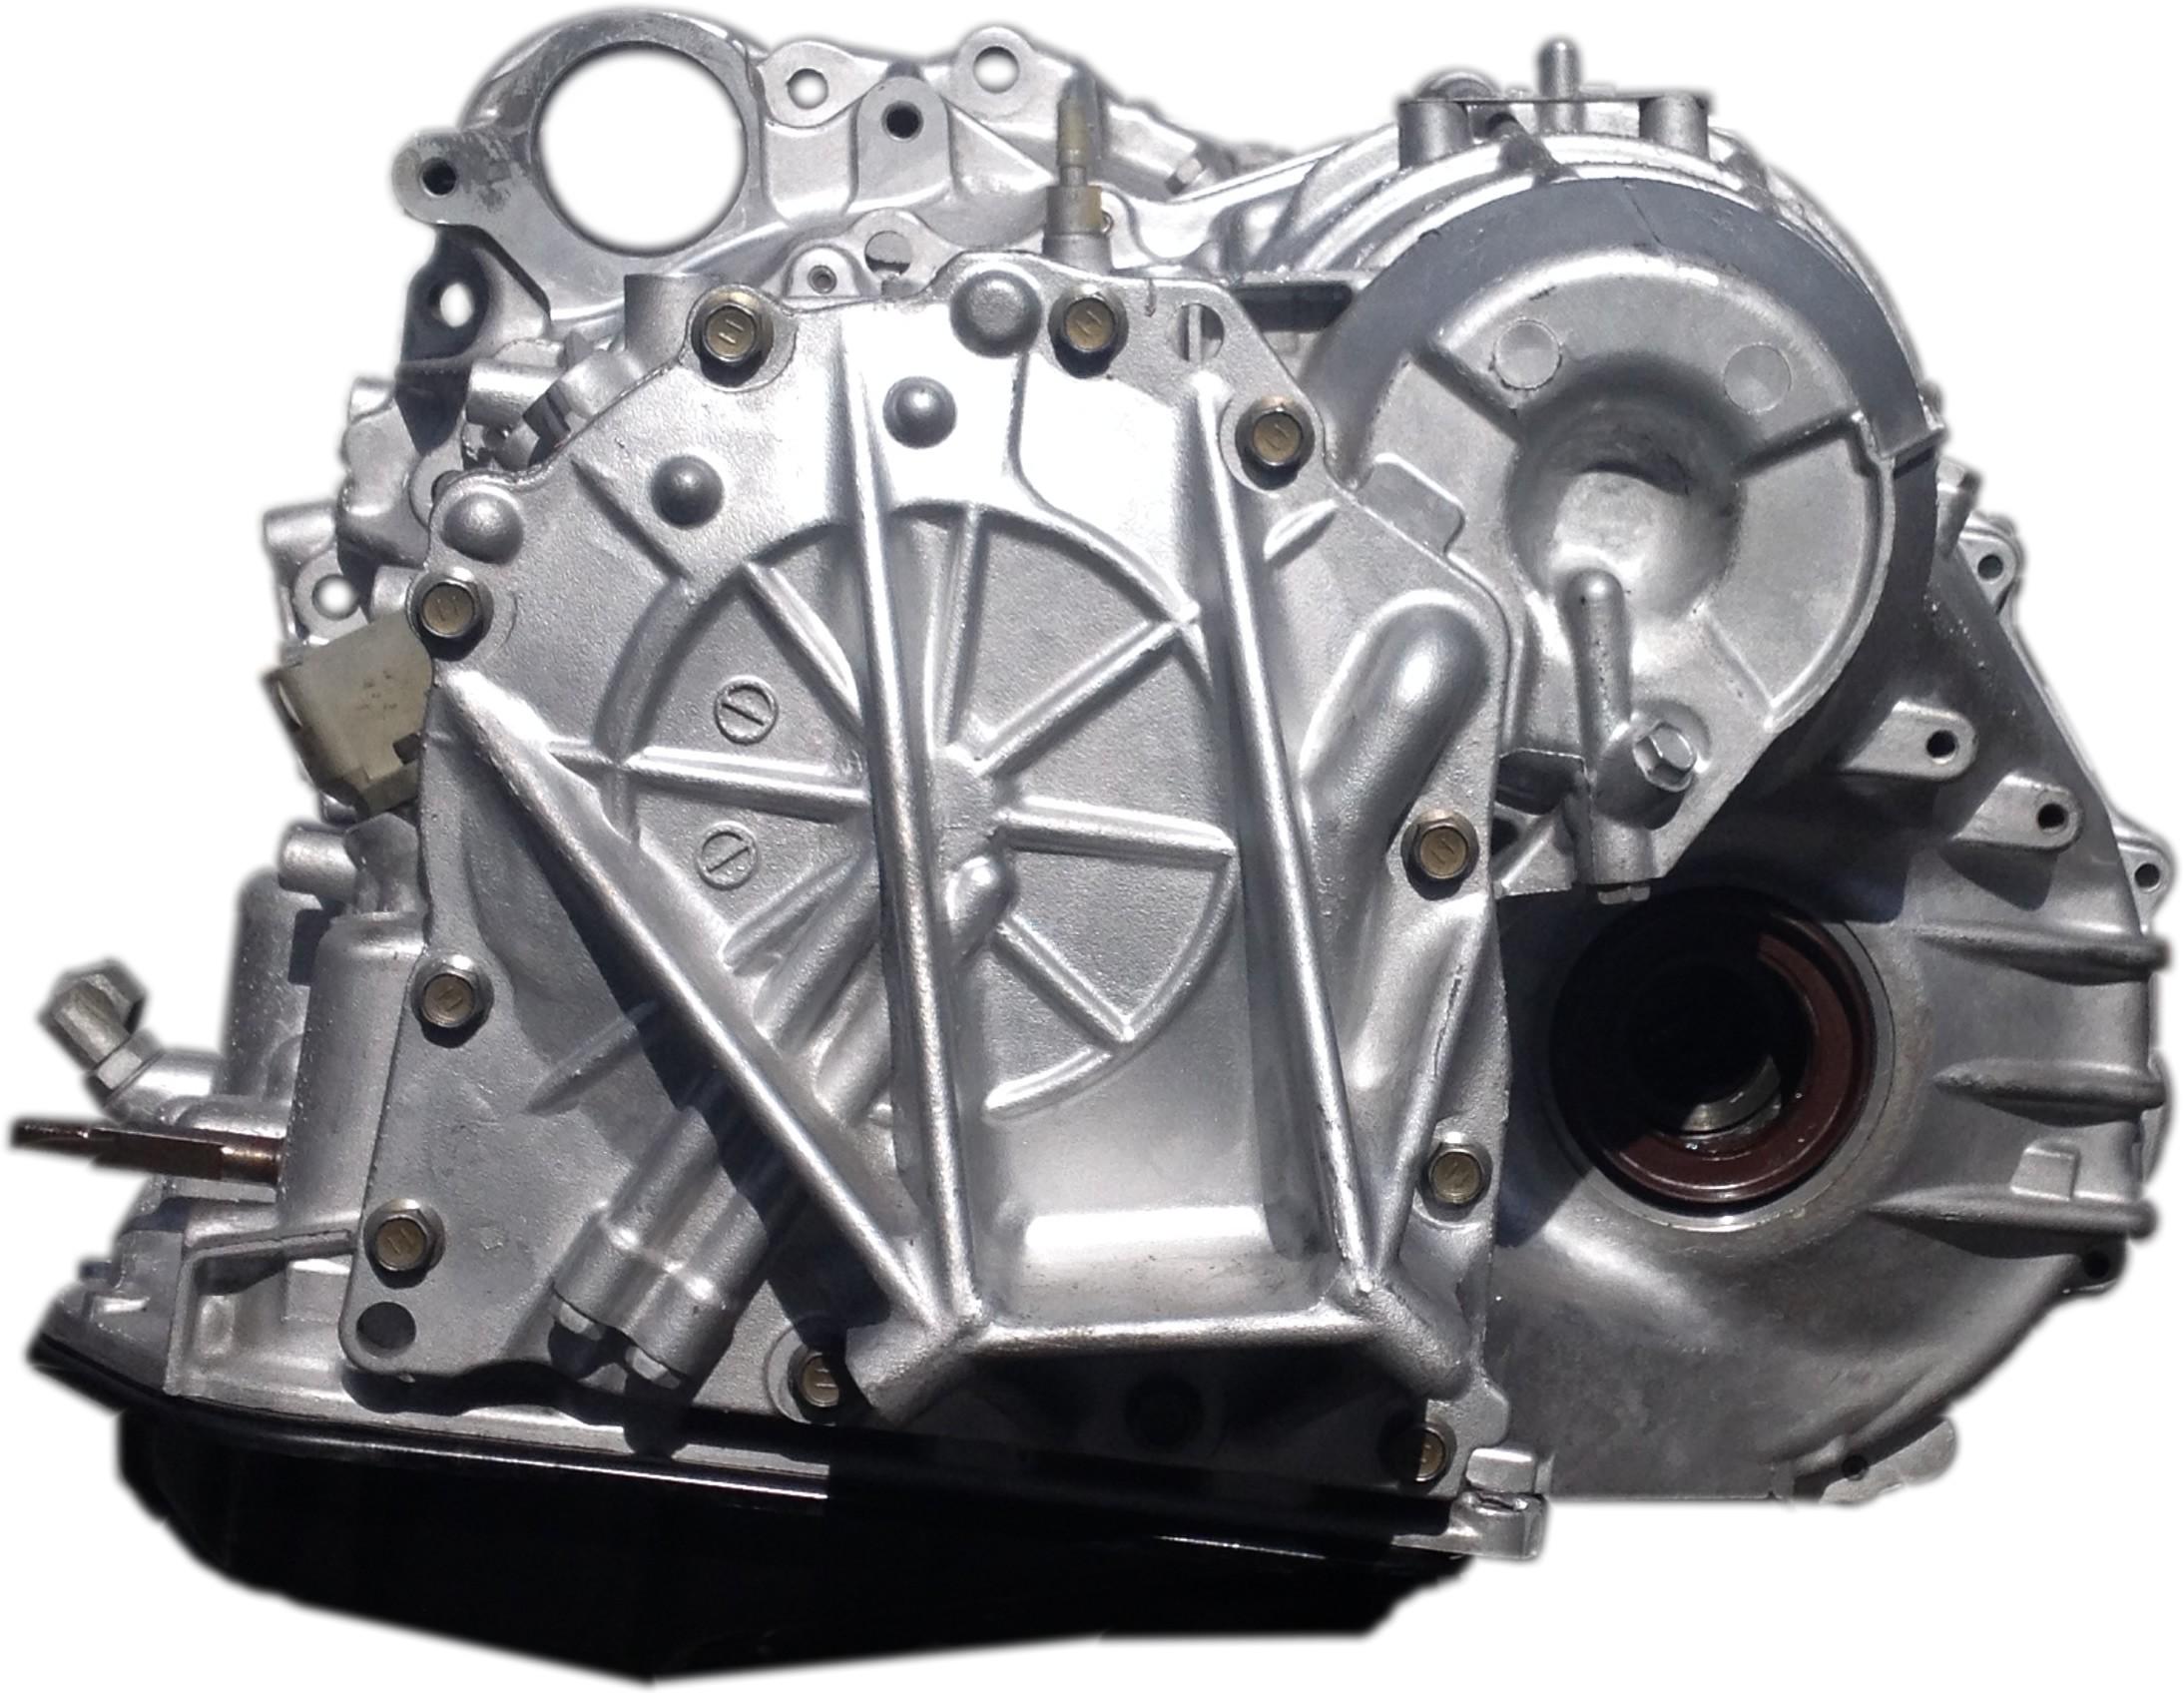 rebuilt 99 03 lexus rx300 fwd auto transmission kar king auto rh karking com lexus rx300 automatic transmission problems lexus rx300 automatic transmission fluid change